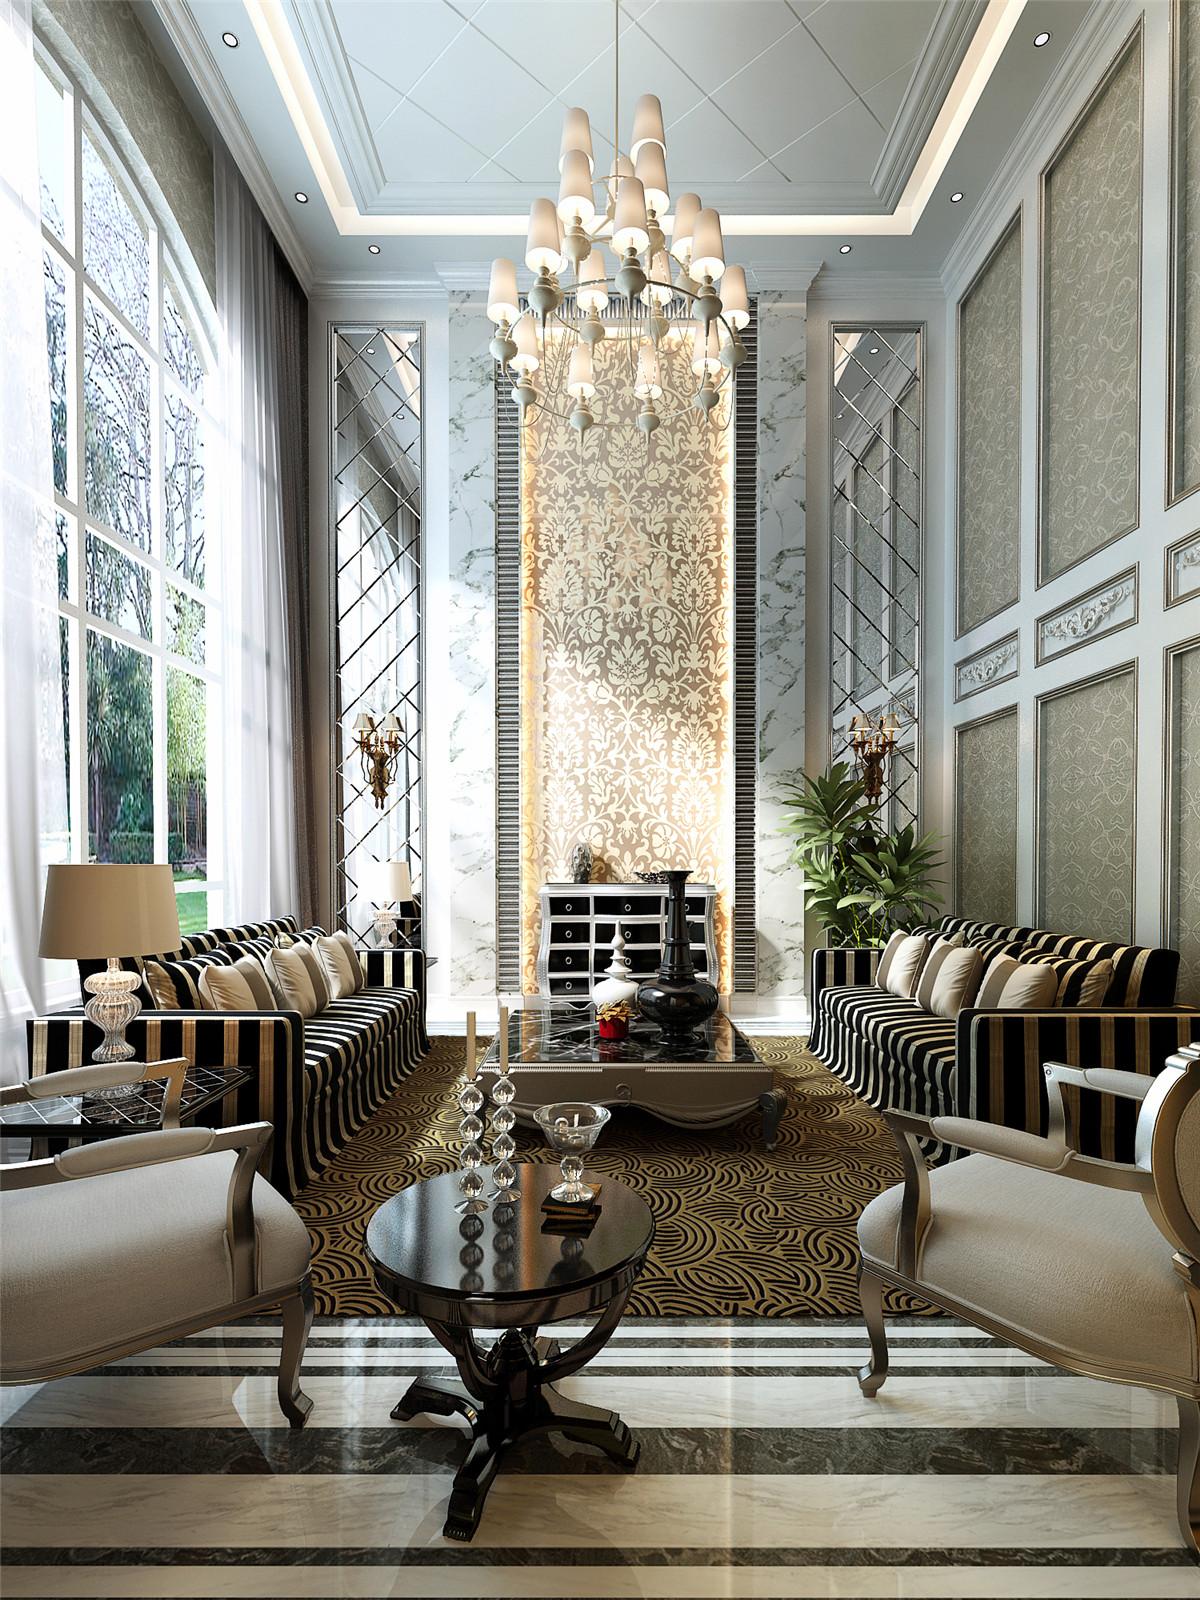 欧式 简约 现代 别墅 奥邦装饰 韦青华 客厅图片来自上海奥邦装饰在上海博园岚郡别墅户型欧式风格的分享